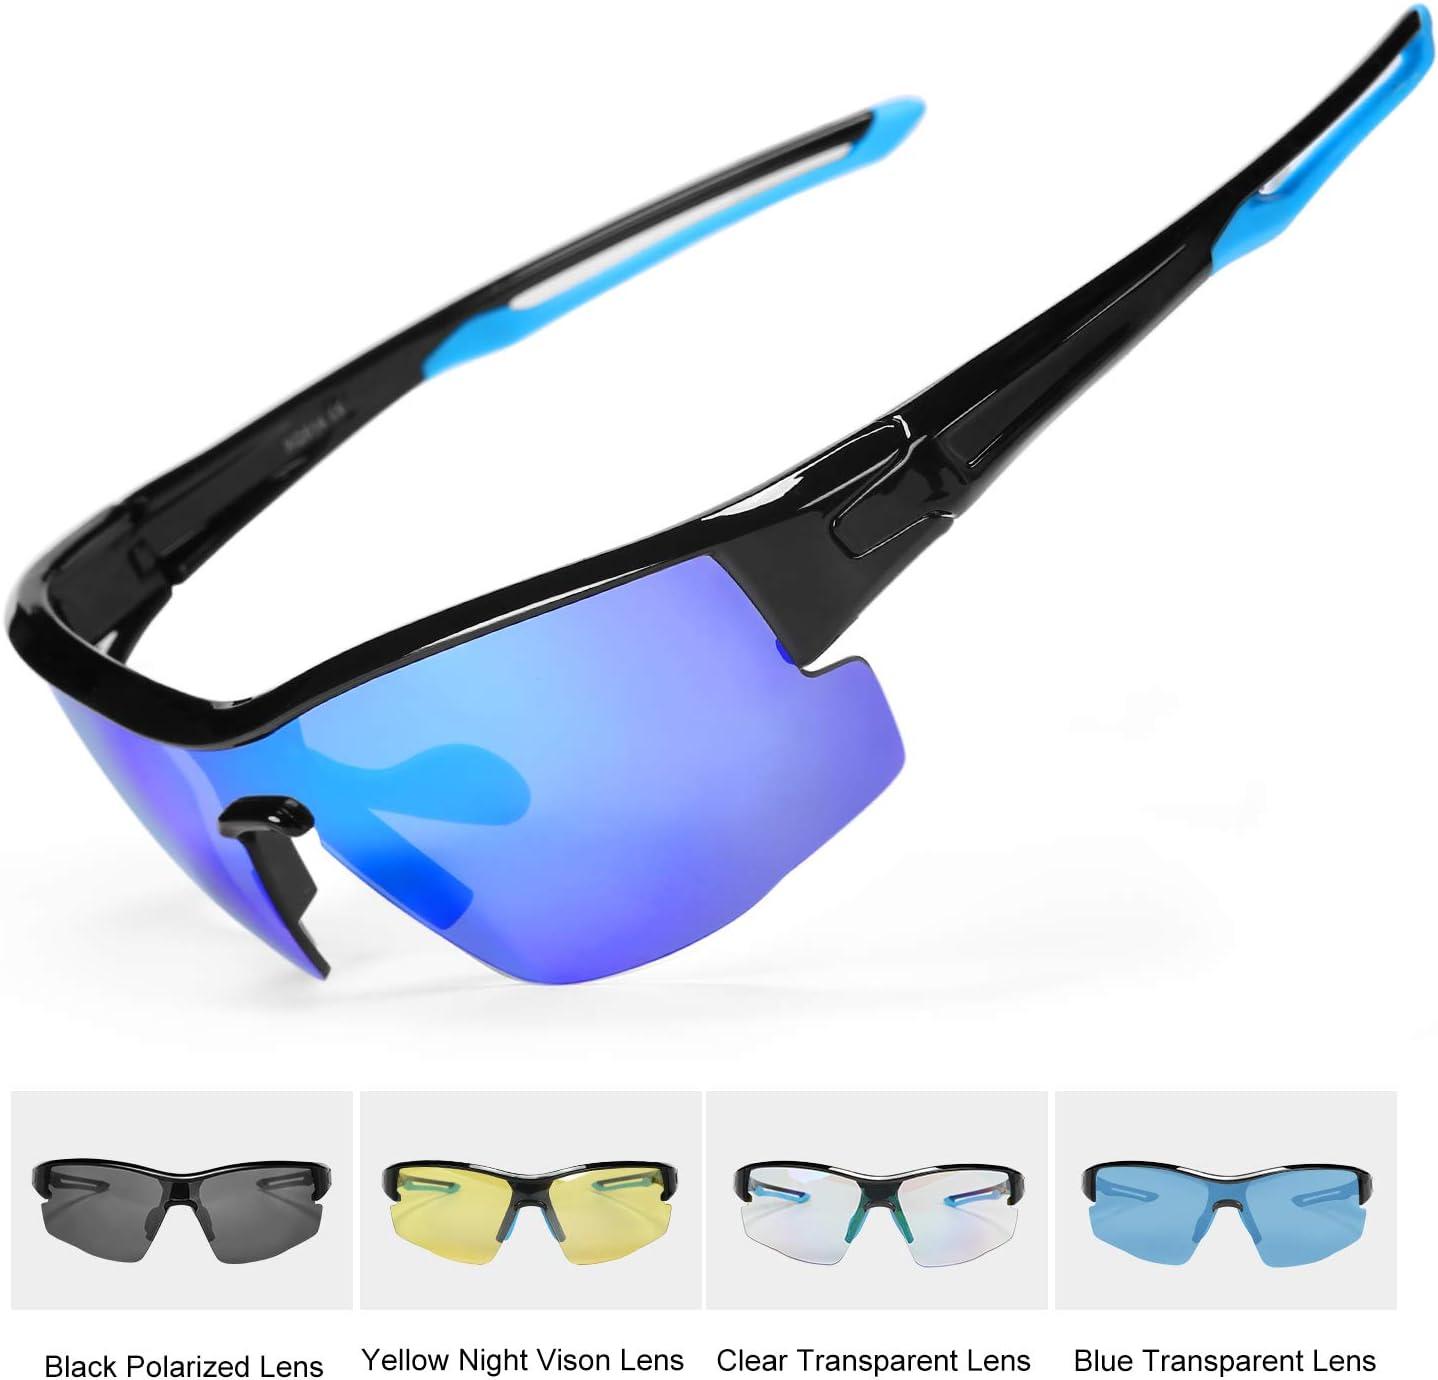 INBIKE Gafas Sol Polarizadas Ciclismo con 5 Lentes De Pc Intercambiables y Montura De TR90, Gafas Uv400 De MTB Bicicleta Deportivas Antivaho Unisex-Adulto